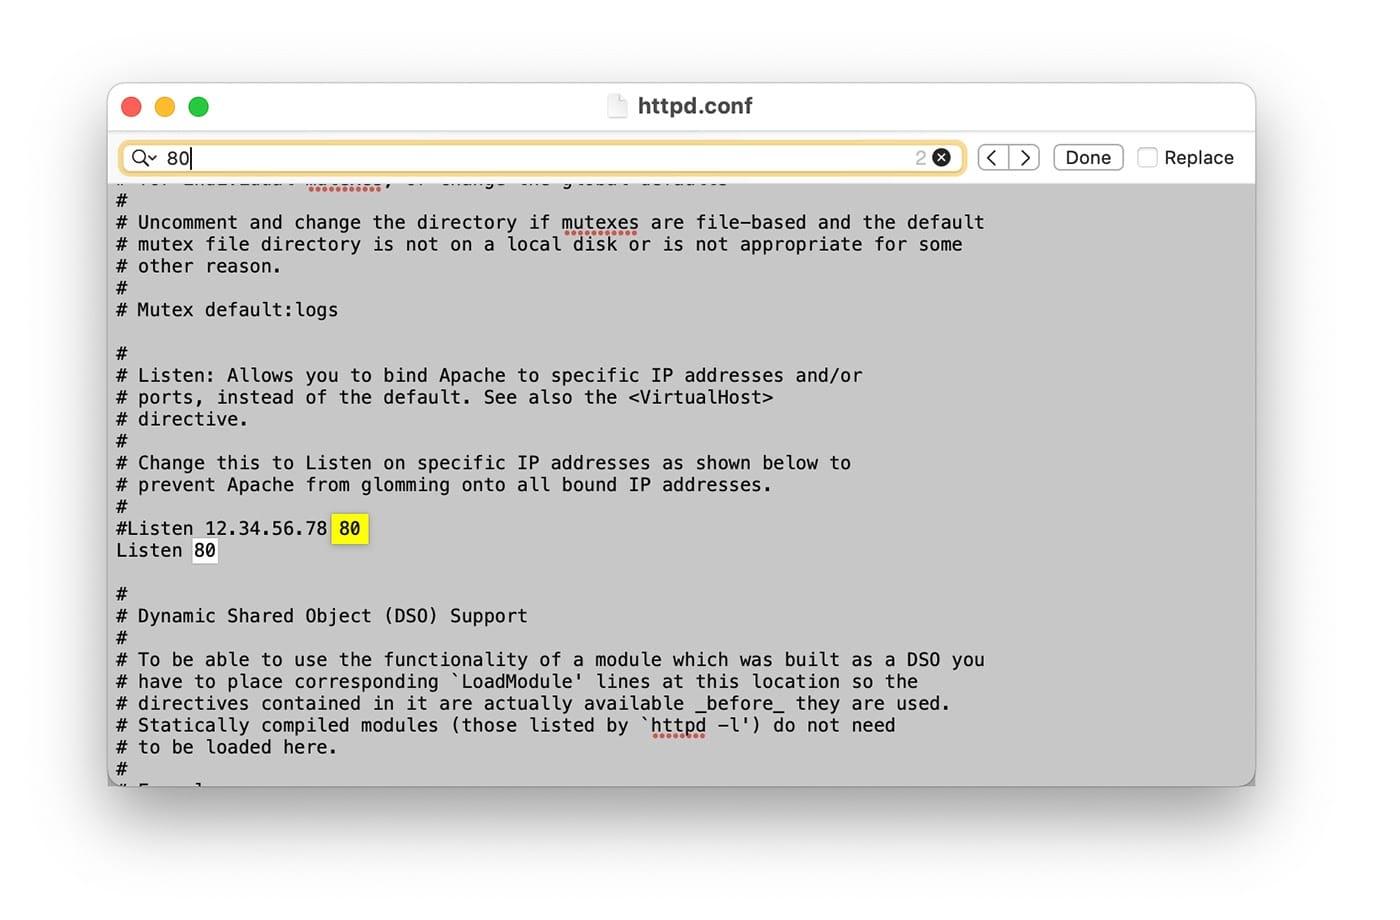 Configuración de puerto del archivo httpd.conf de XAMPP.